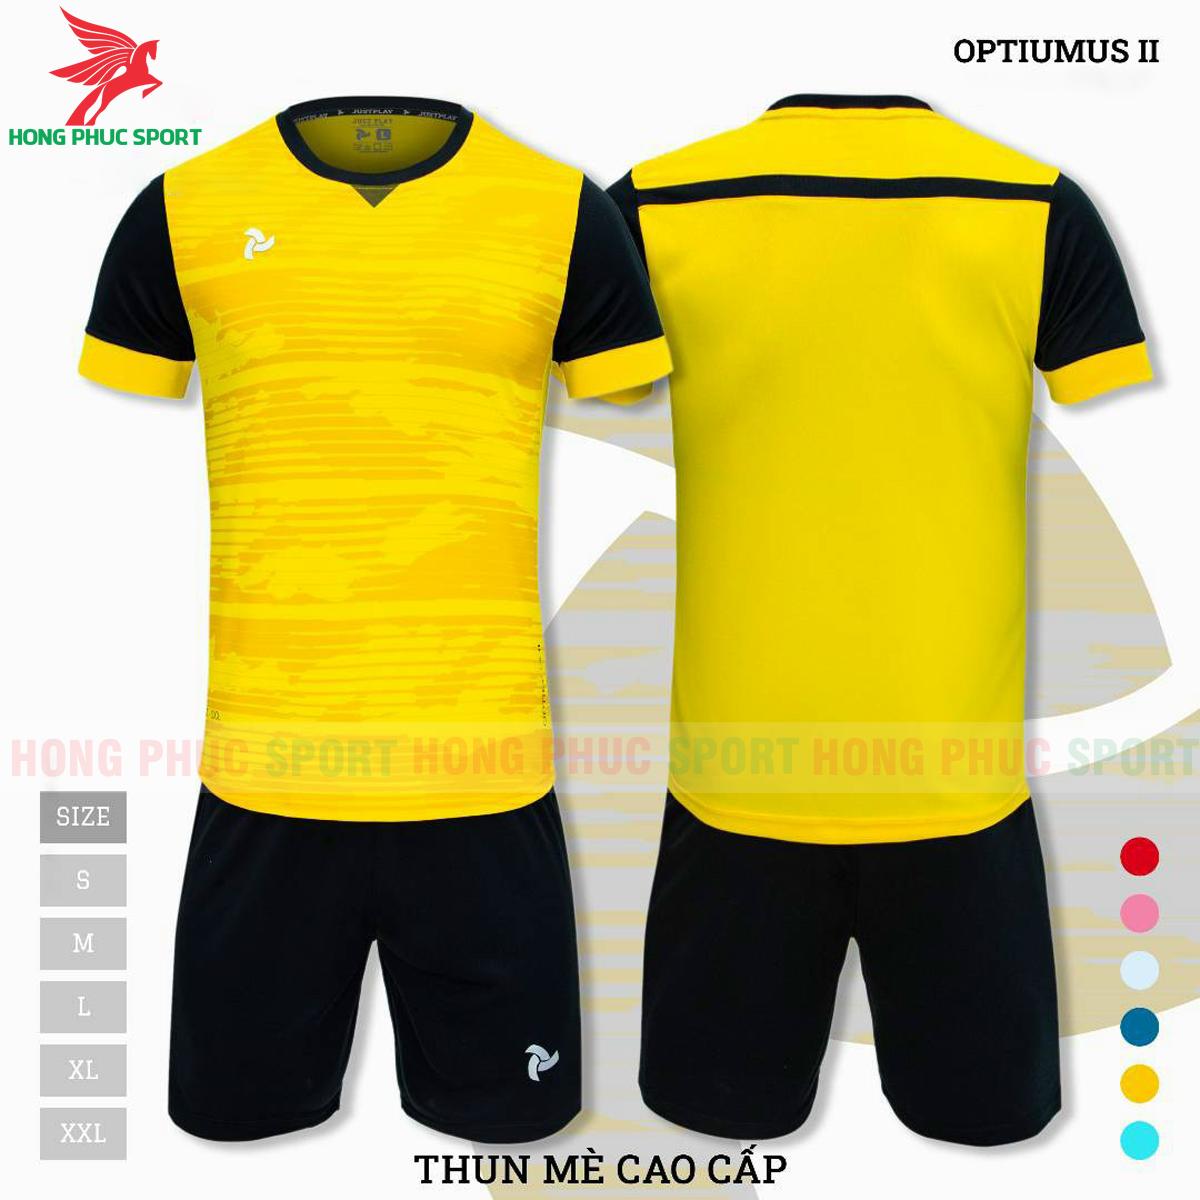 Áo đấu không logo Justplay Optiumus II 2021 màu vàng